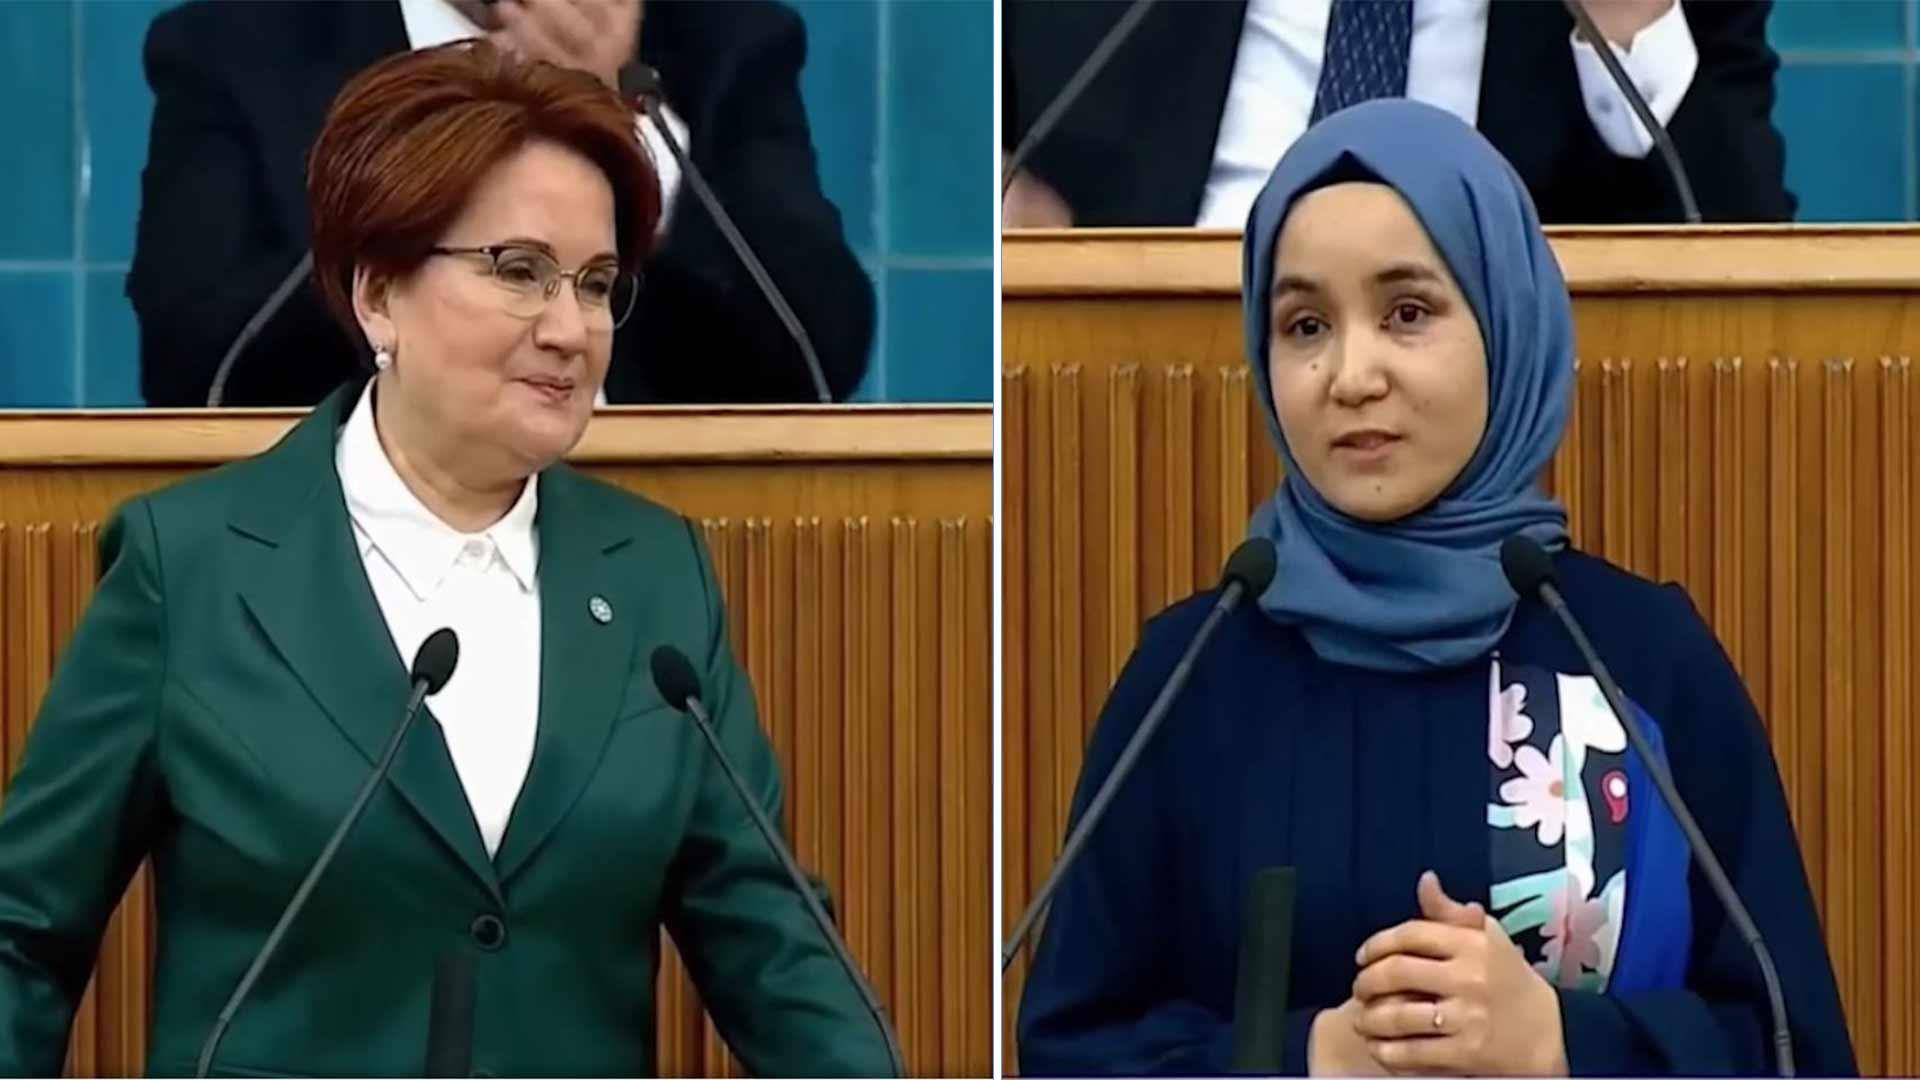 Meral Akşener, Doğu Türkistanlı Nursiman Abduraşid'i kürsüye çıkarınca TBMM TV yayını kesti! - HaberMotto